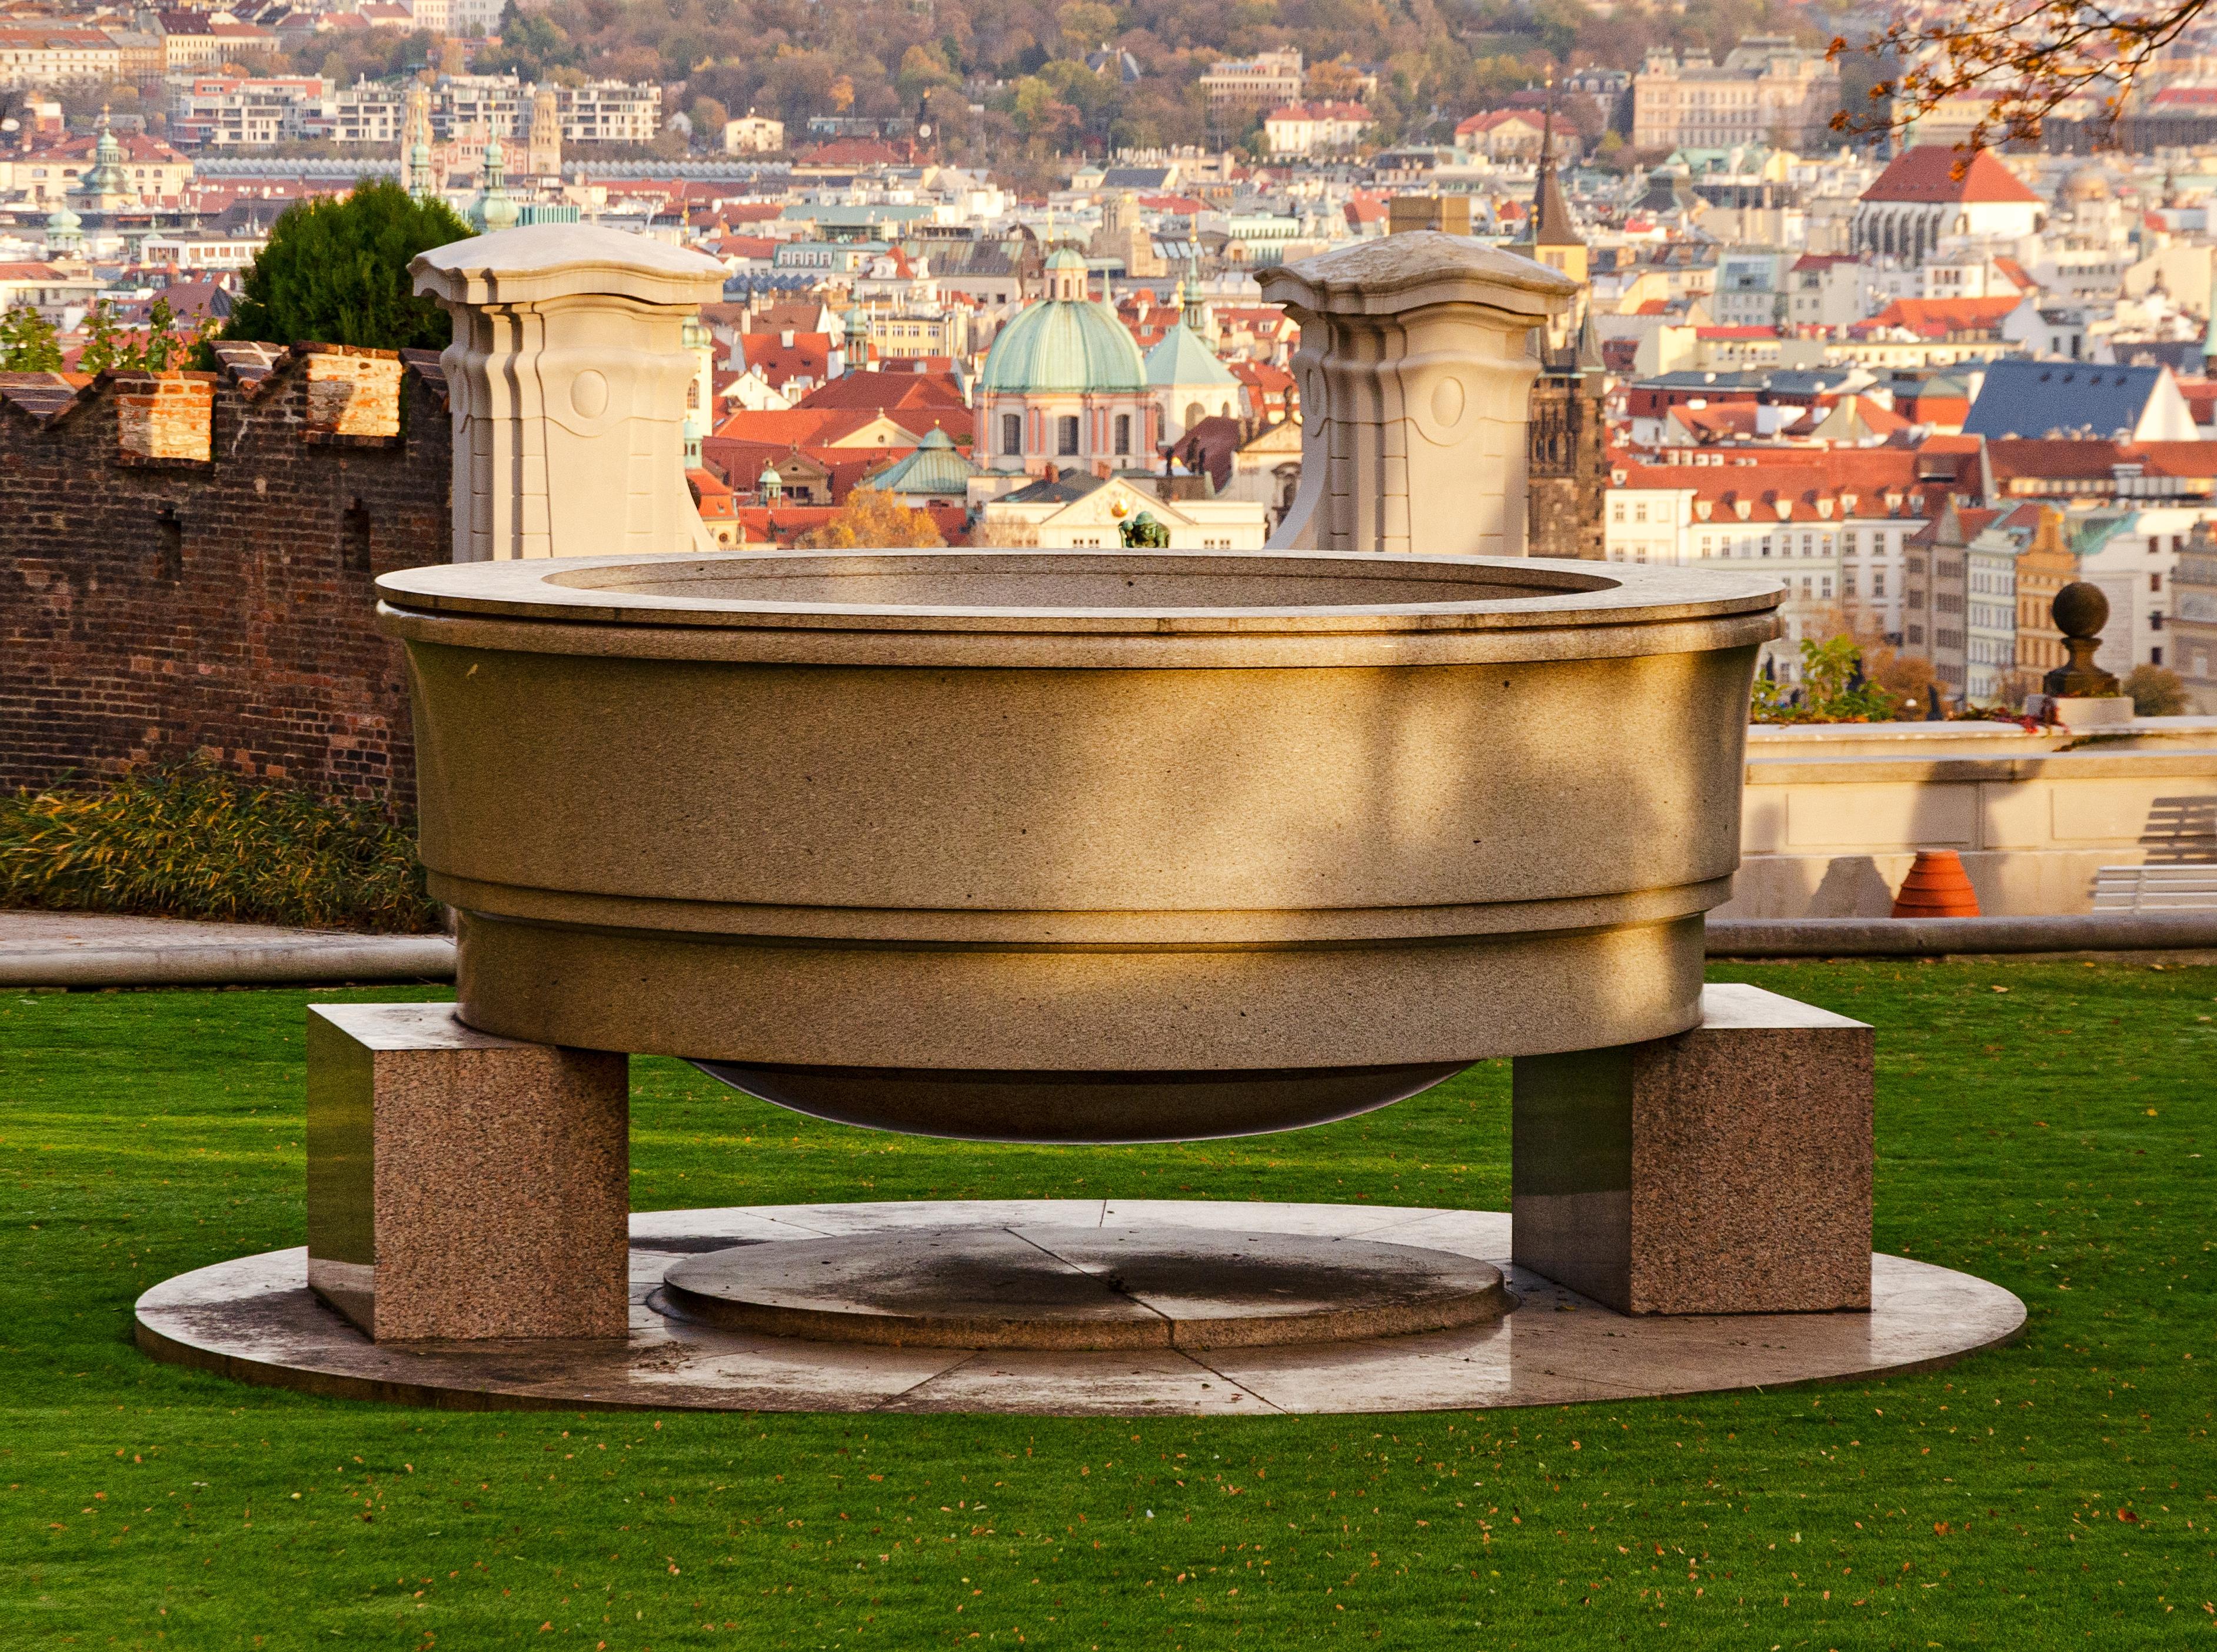 Jižní zahrady pod Pražským hradem